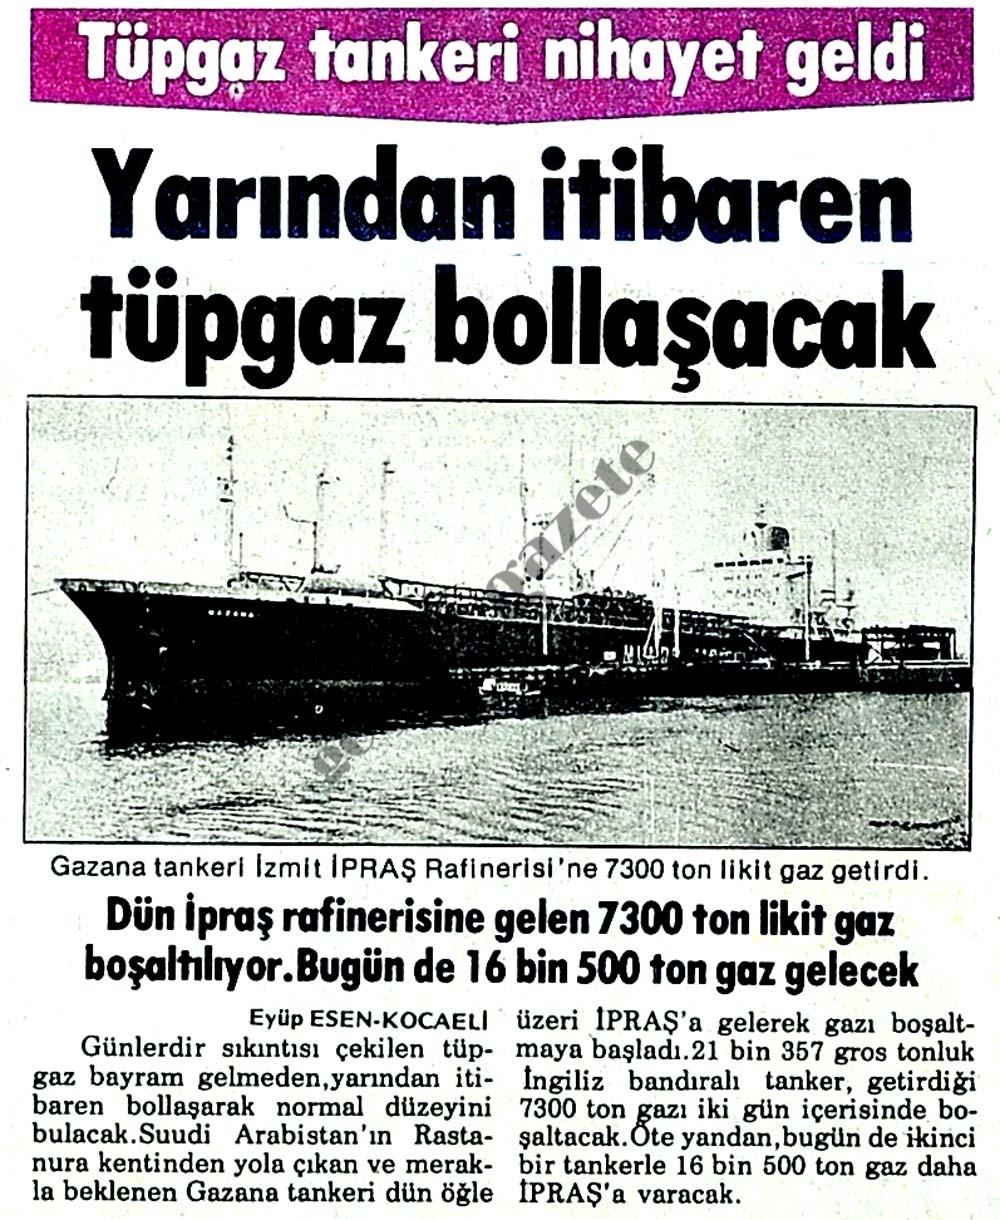 Tüpgaz tankeri nihayet geldi